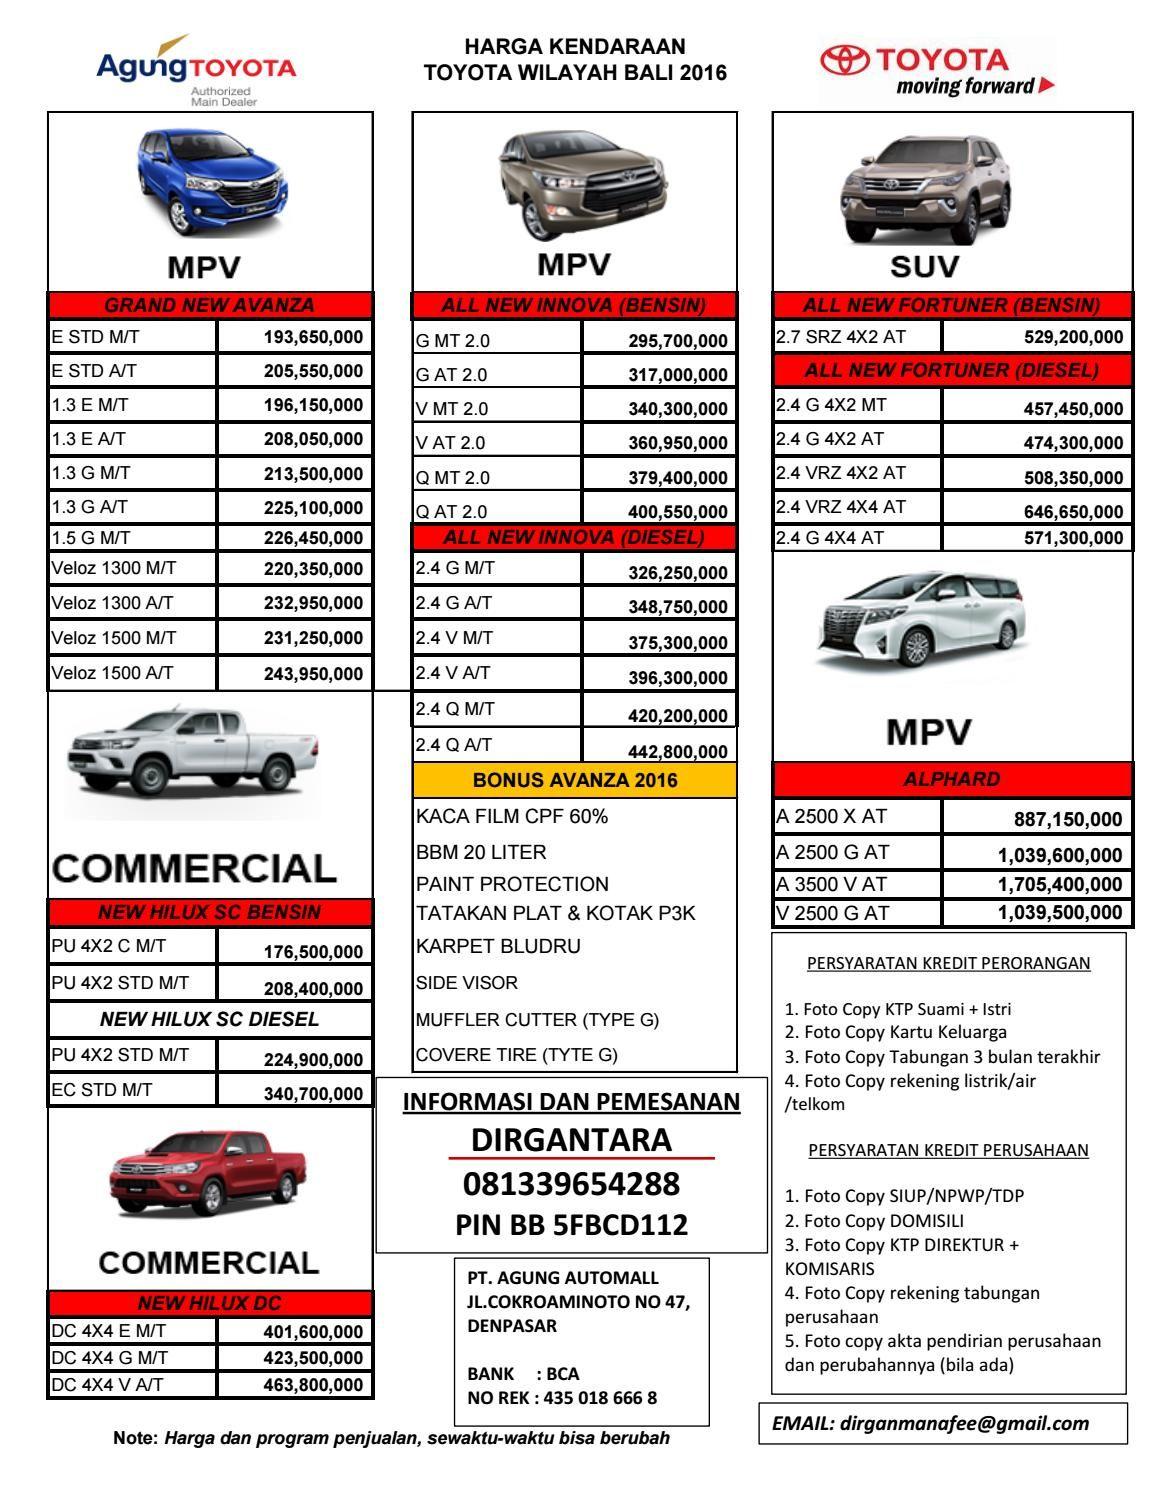 Kekurangan Harga Toyota Top Model Tahun Ini